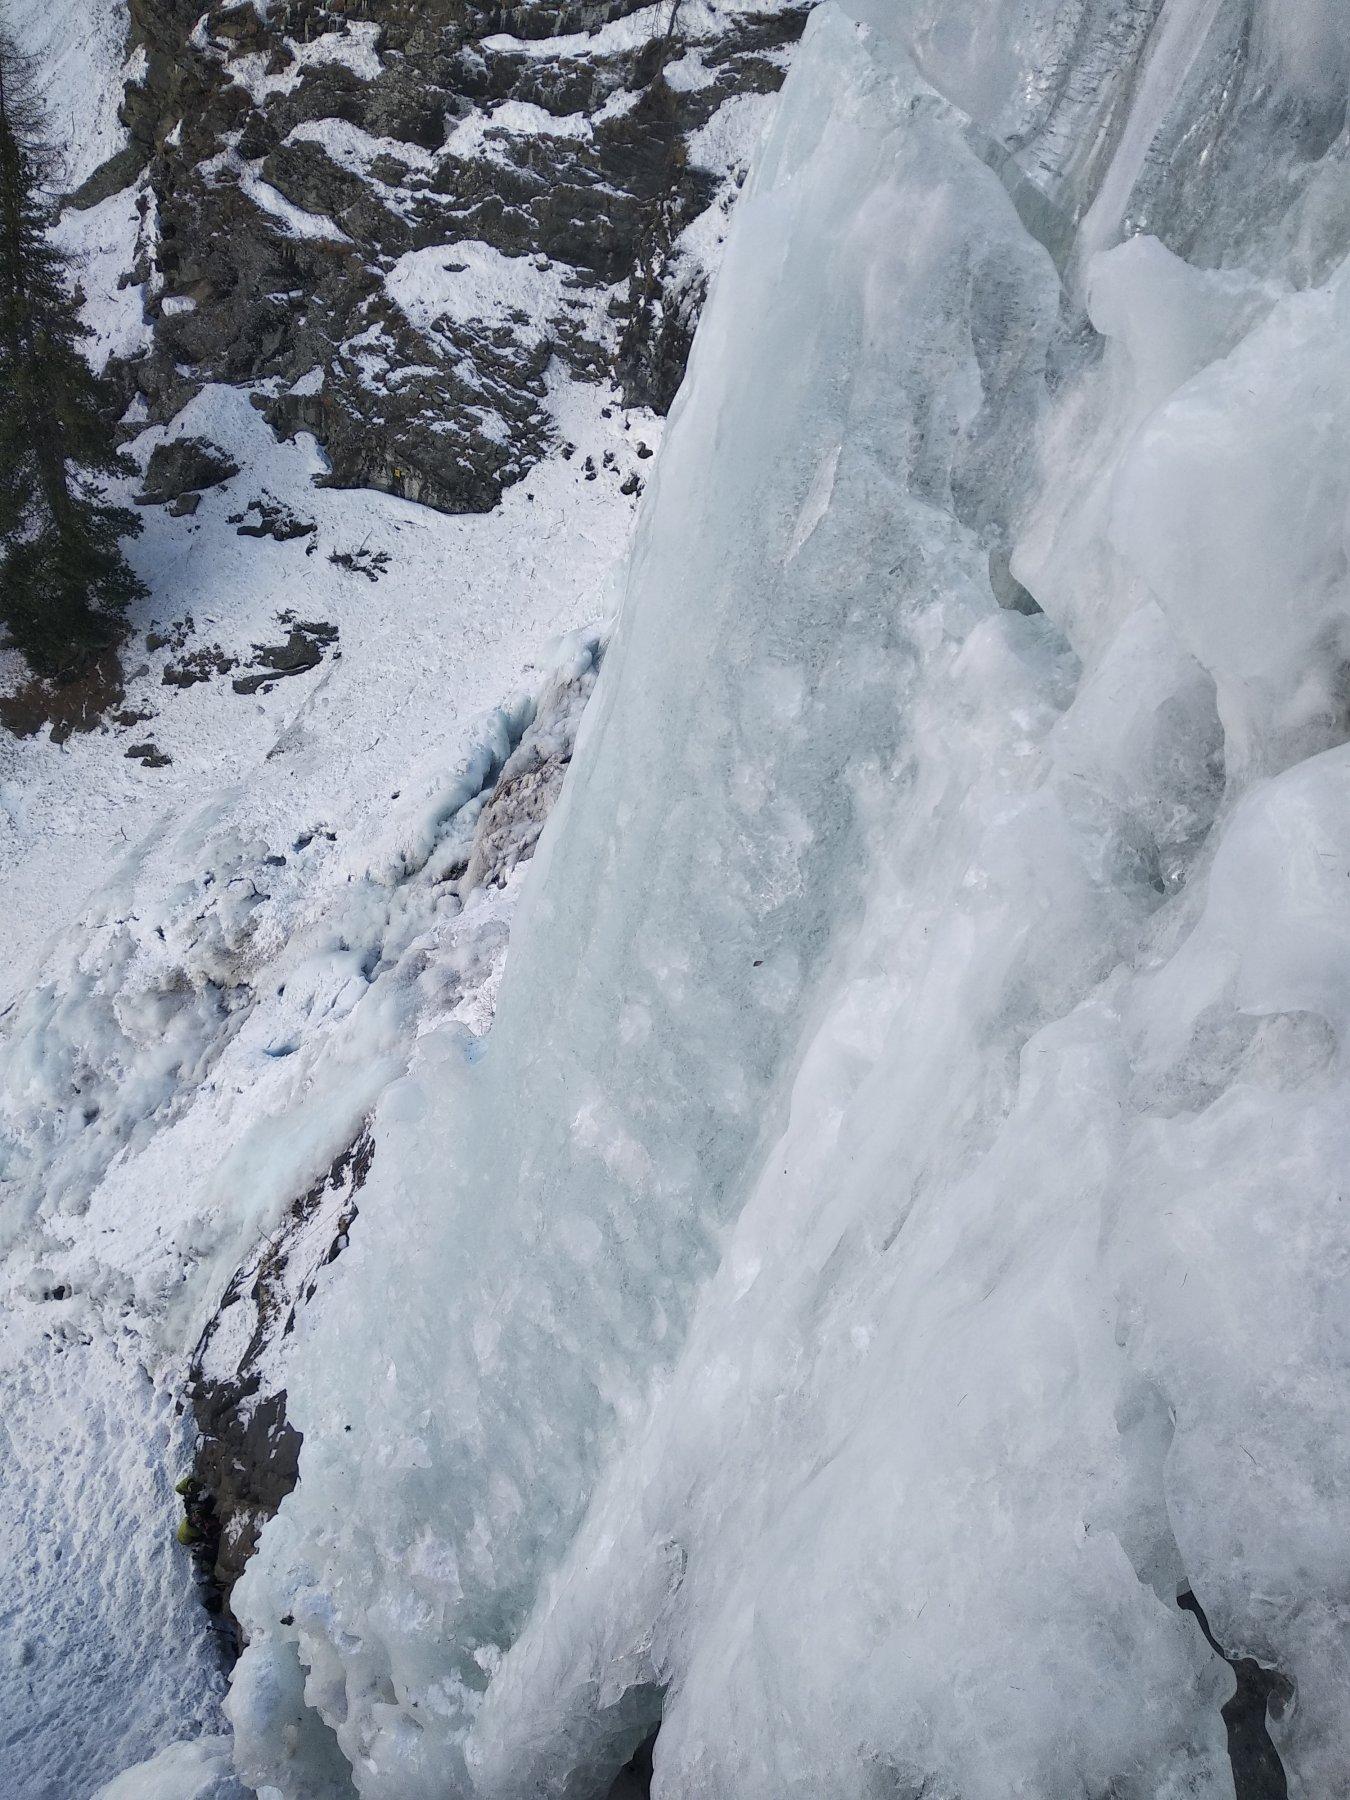 Visibile la frattura in alto dopo il muro verticale